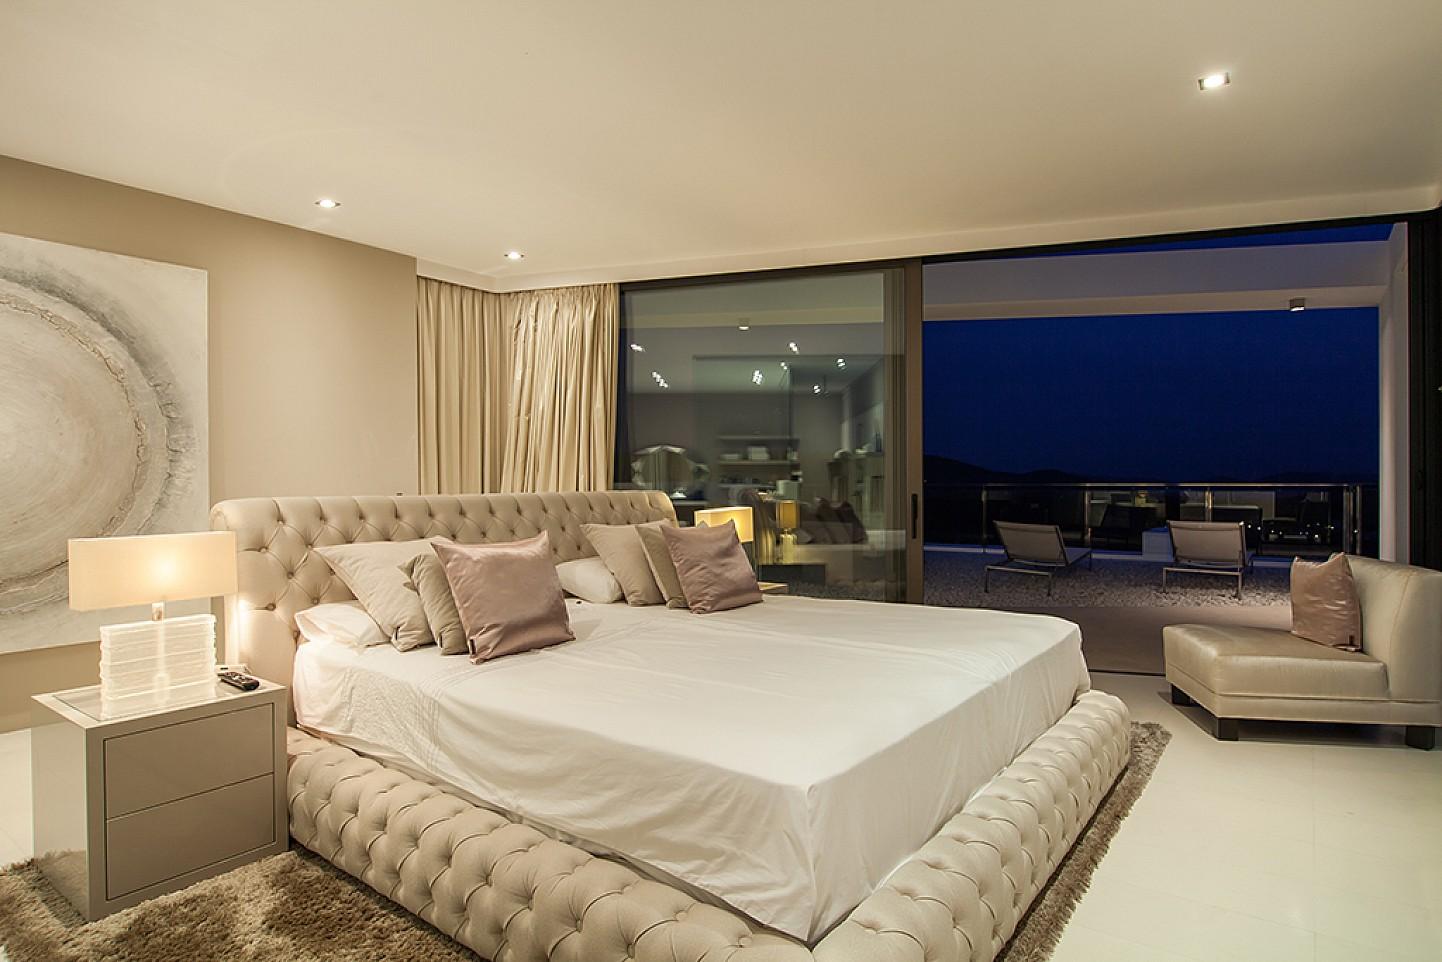 habitacio amb vistes a la apiscina en villa de luxe a Eivissa